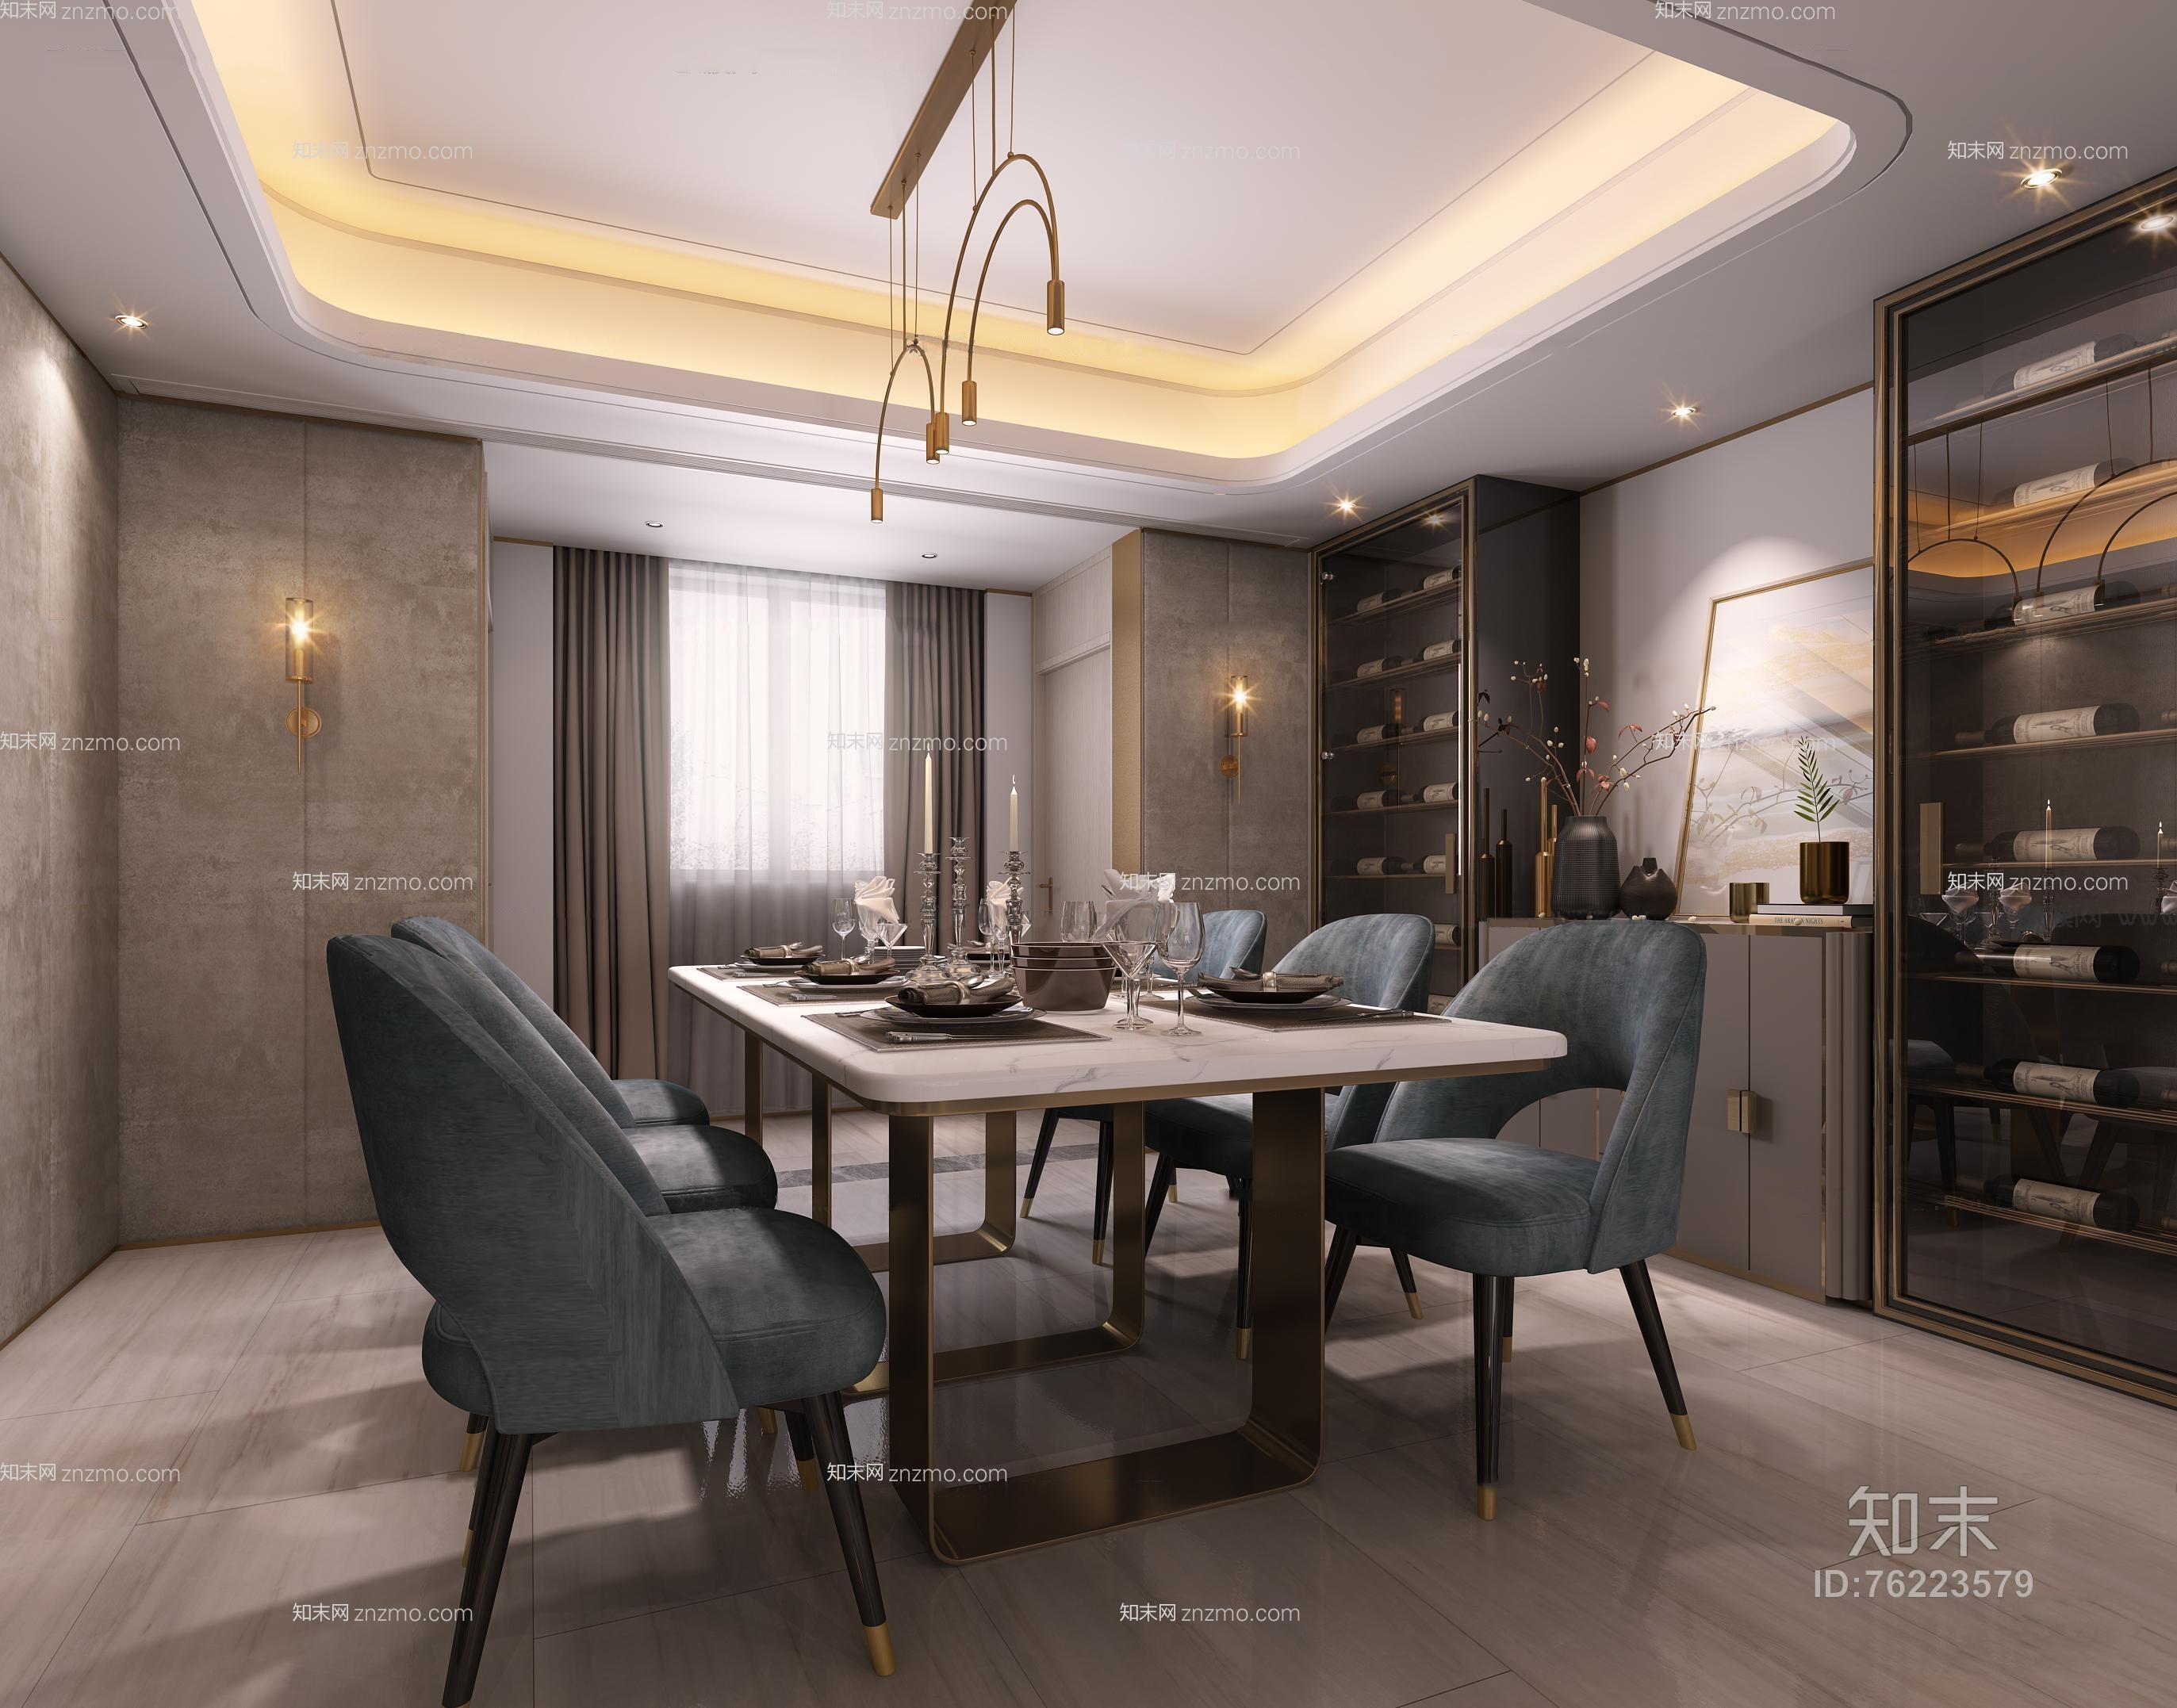 现代客餐厅 沙发茶几 餐桌椅 吊灯 单人沙发 酒柜